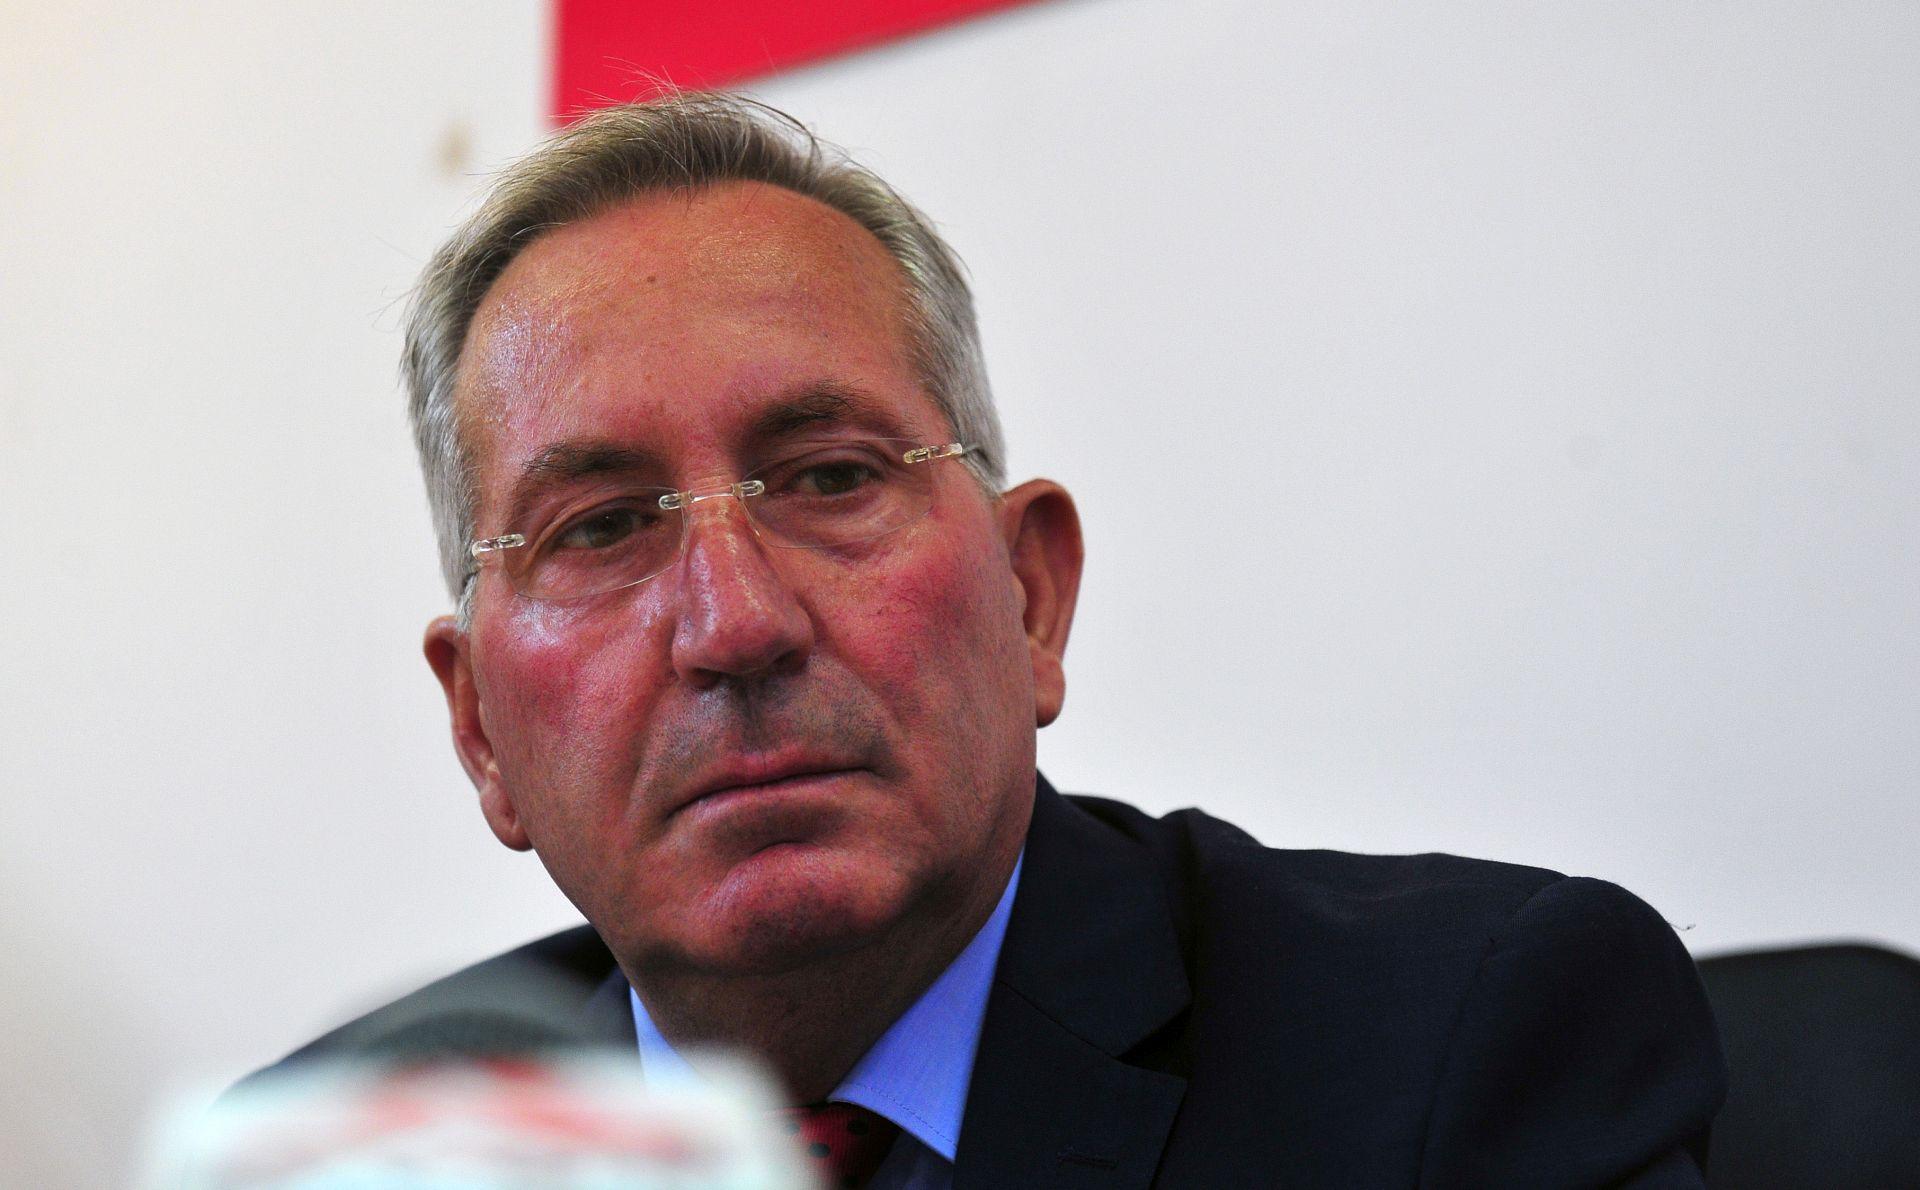 Novi poziv za ujedinjenje Kosova i južnog dijela Srbije s Albanijom